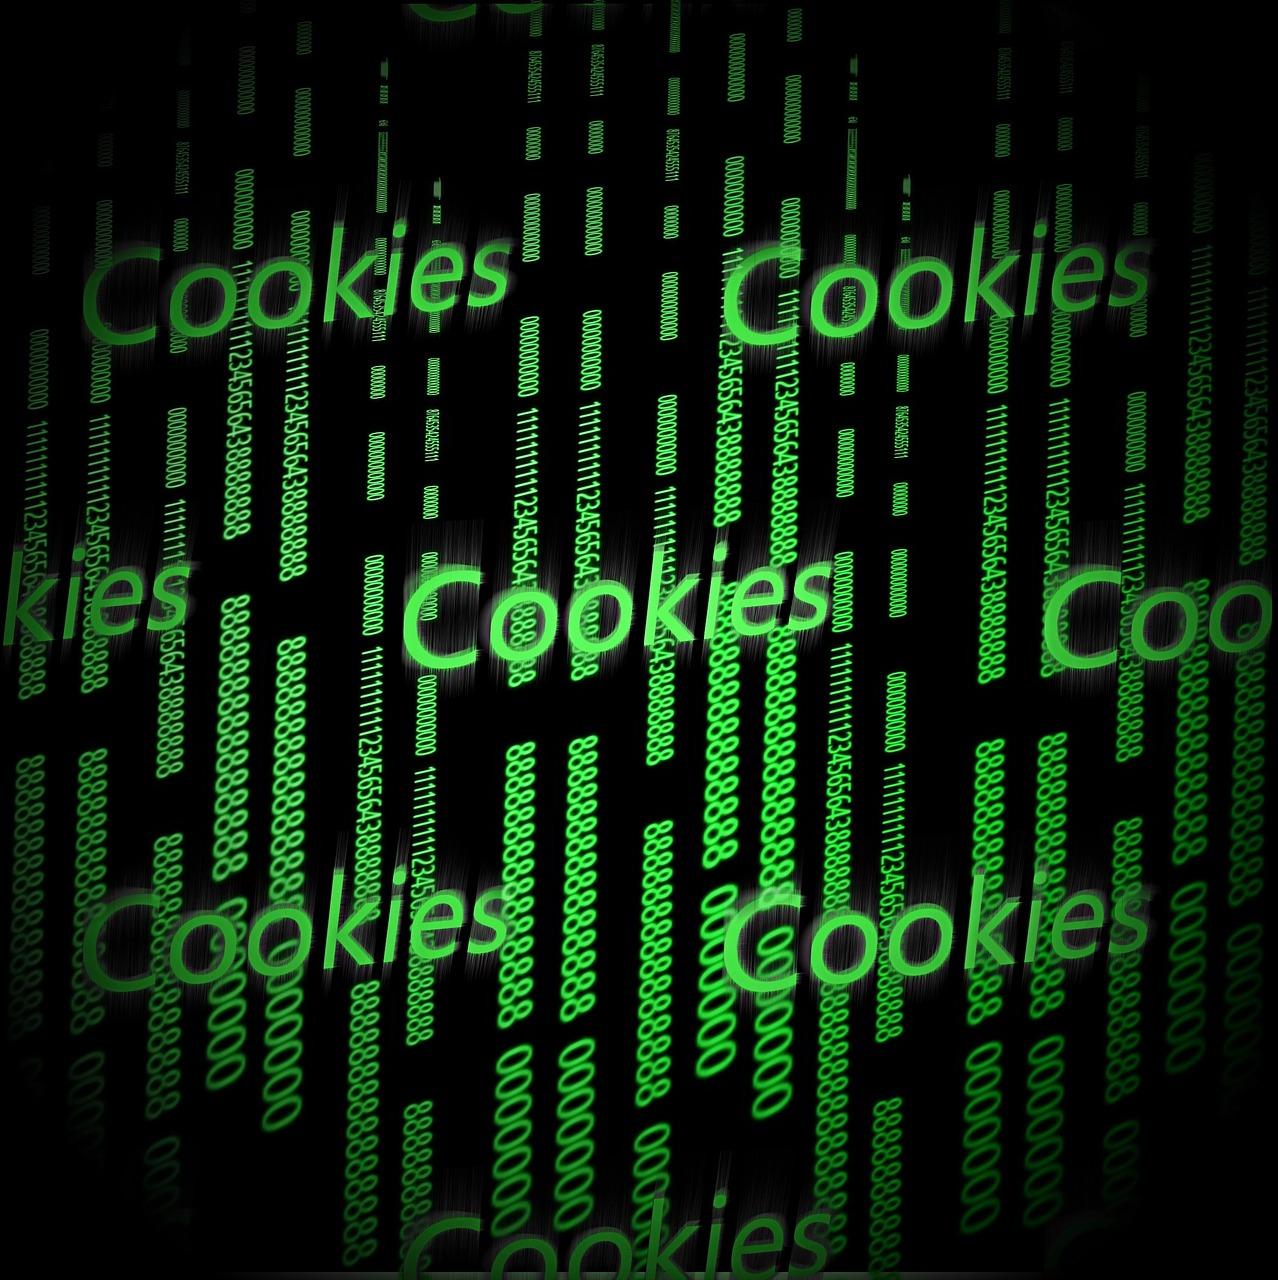 ¿Qué son las cookies y cómo sacarles el máximo rendimiento?